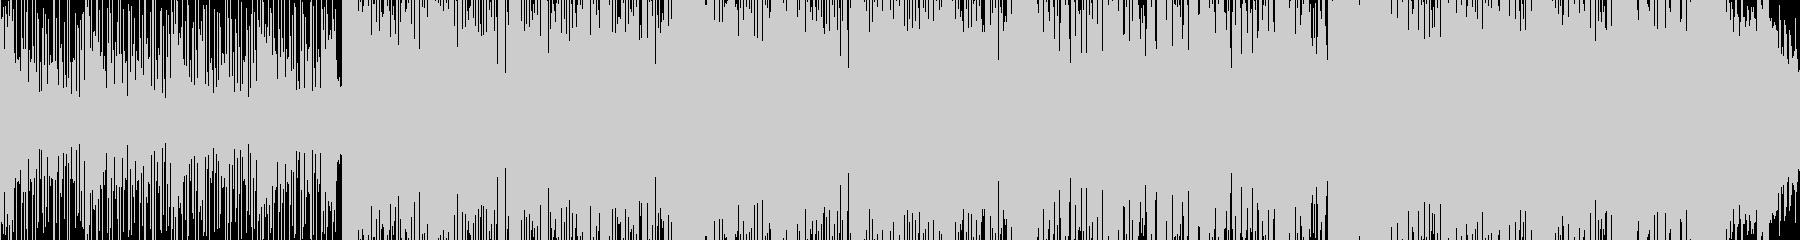 その日のピークの日常系インスト■ループ可の未再生の波形